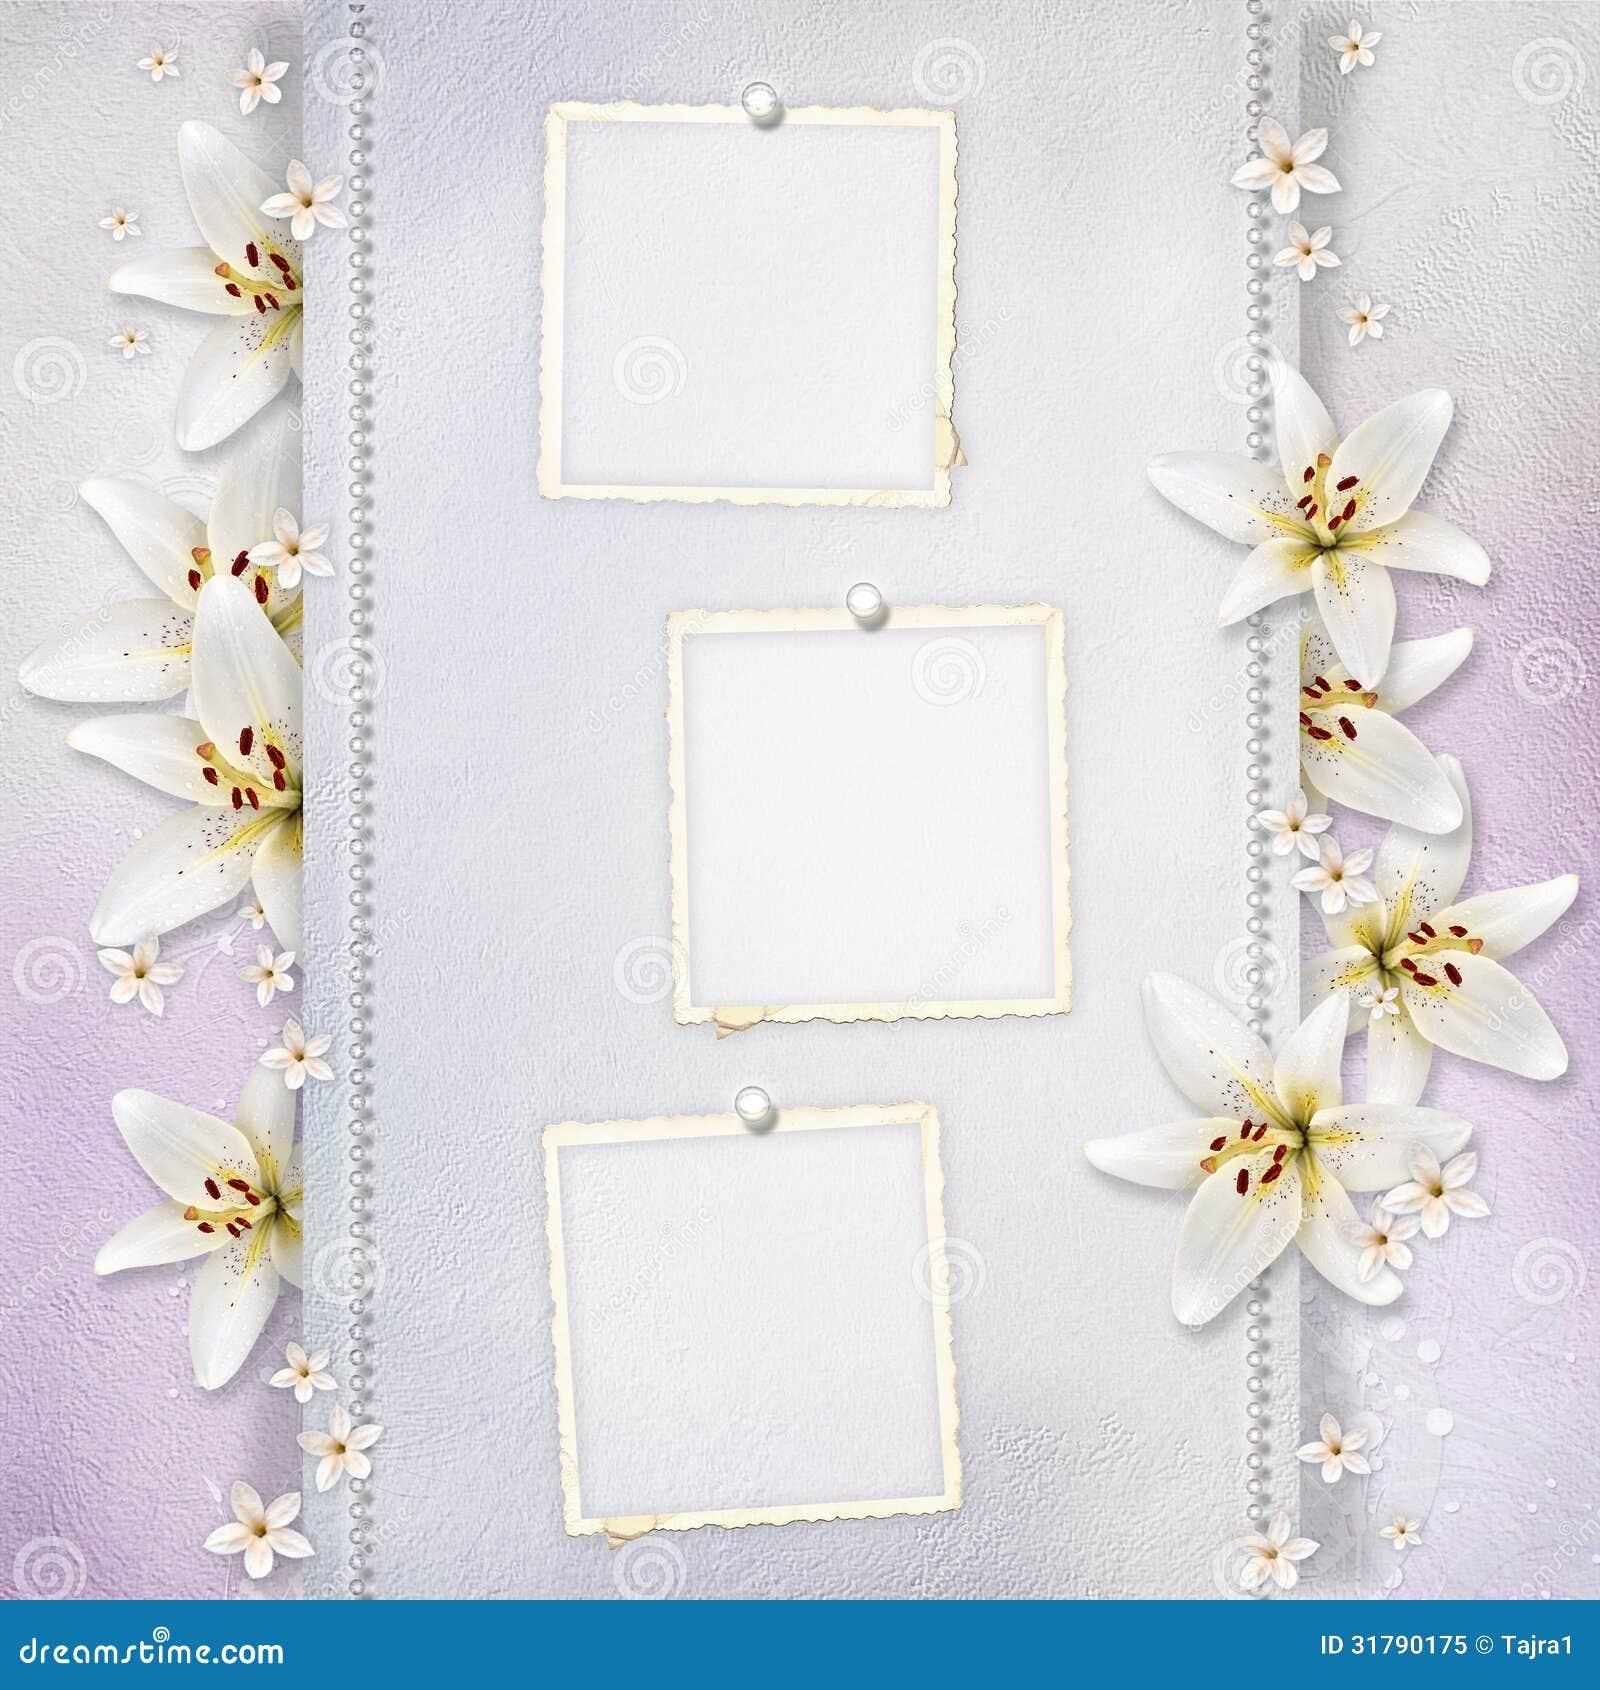 fond de mariage avec des fleurs et des cadres photo libre de droits image 31790175. Black Bedroom Furniture Sets. Home Design Ideas